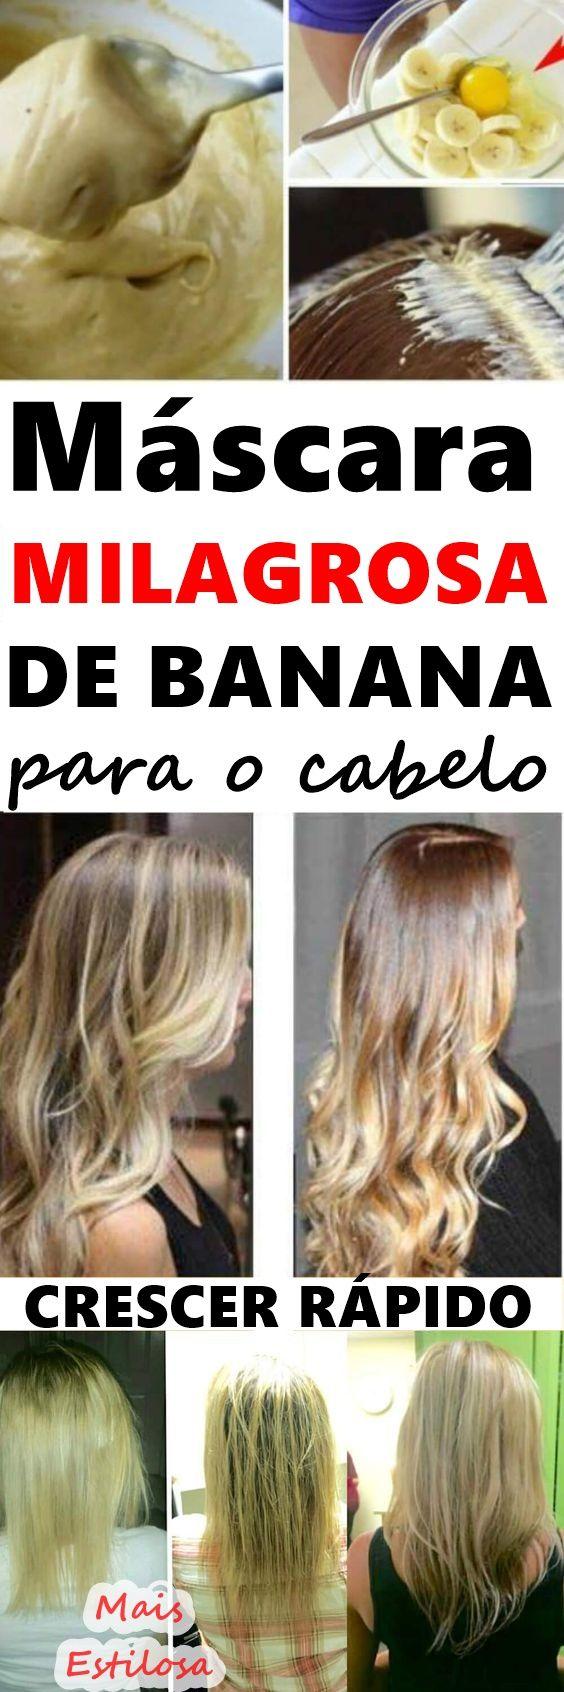 A banana é uma fruta rica em ingredientes que aumentam a produção nos folículos pilosos, como a vitamina A. Esse nutriente age nas células capilares e faz com que o cabelo cresça mais rápido. As vitaminas que encontramos na banana fazem com que essa fruta seja utiliza para fazer o cabelo crescer mais rápido e combater a queda capilar, dentre outros benefícios.